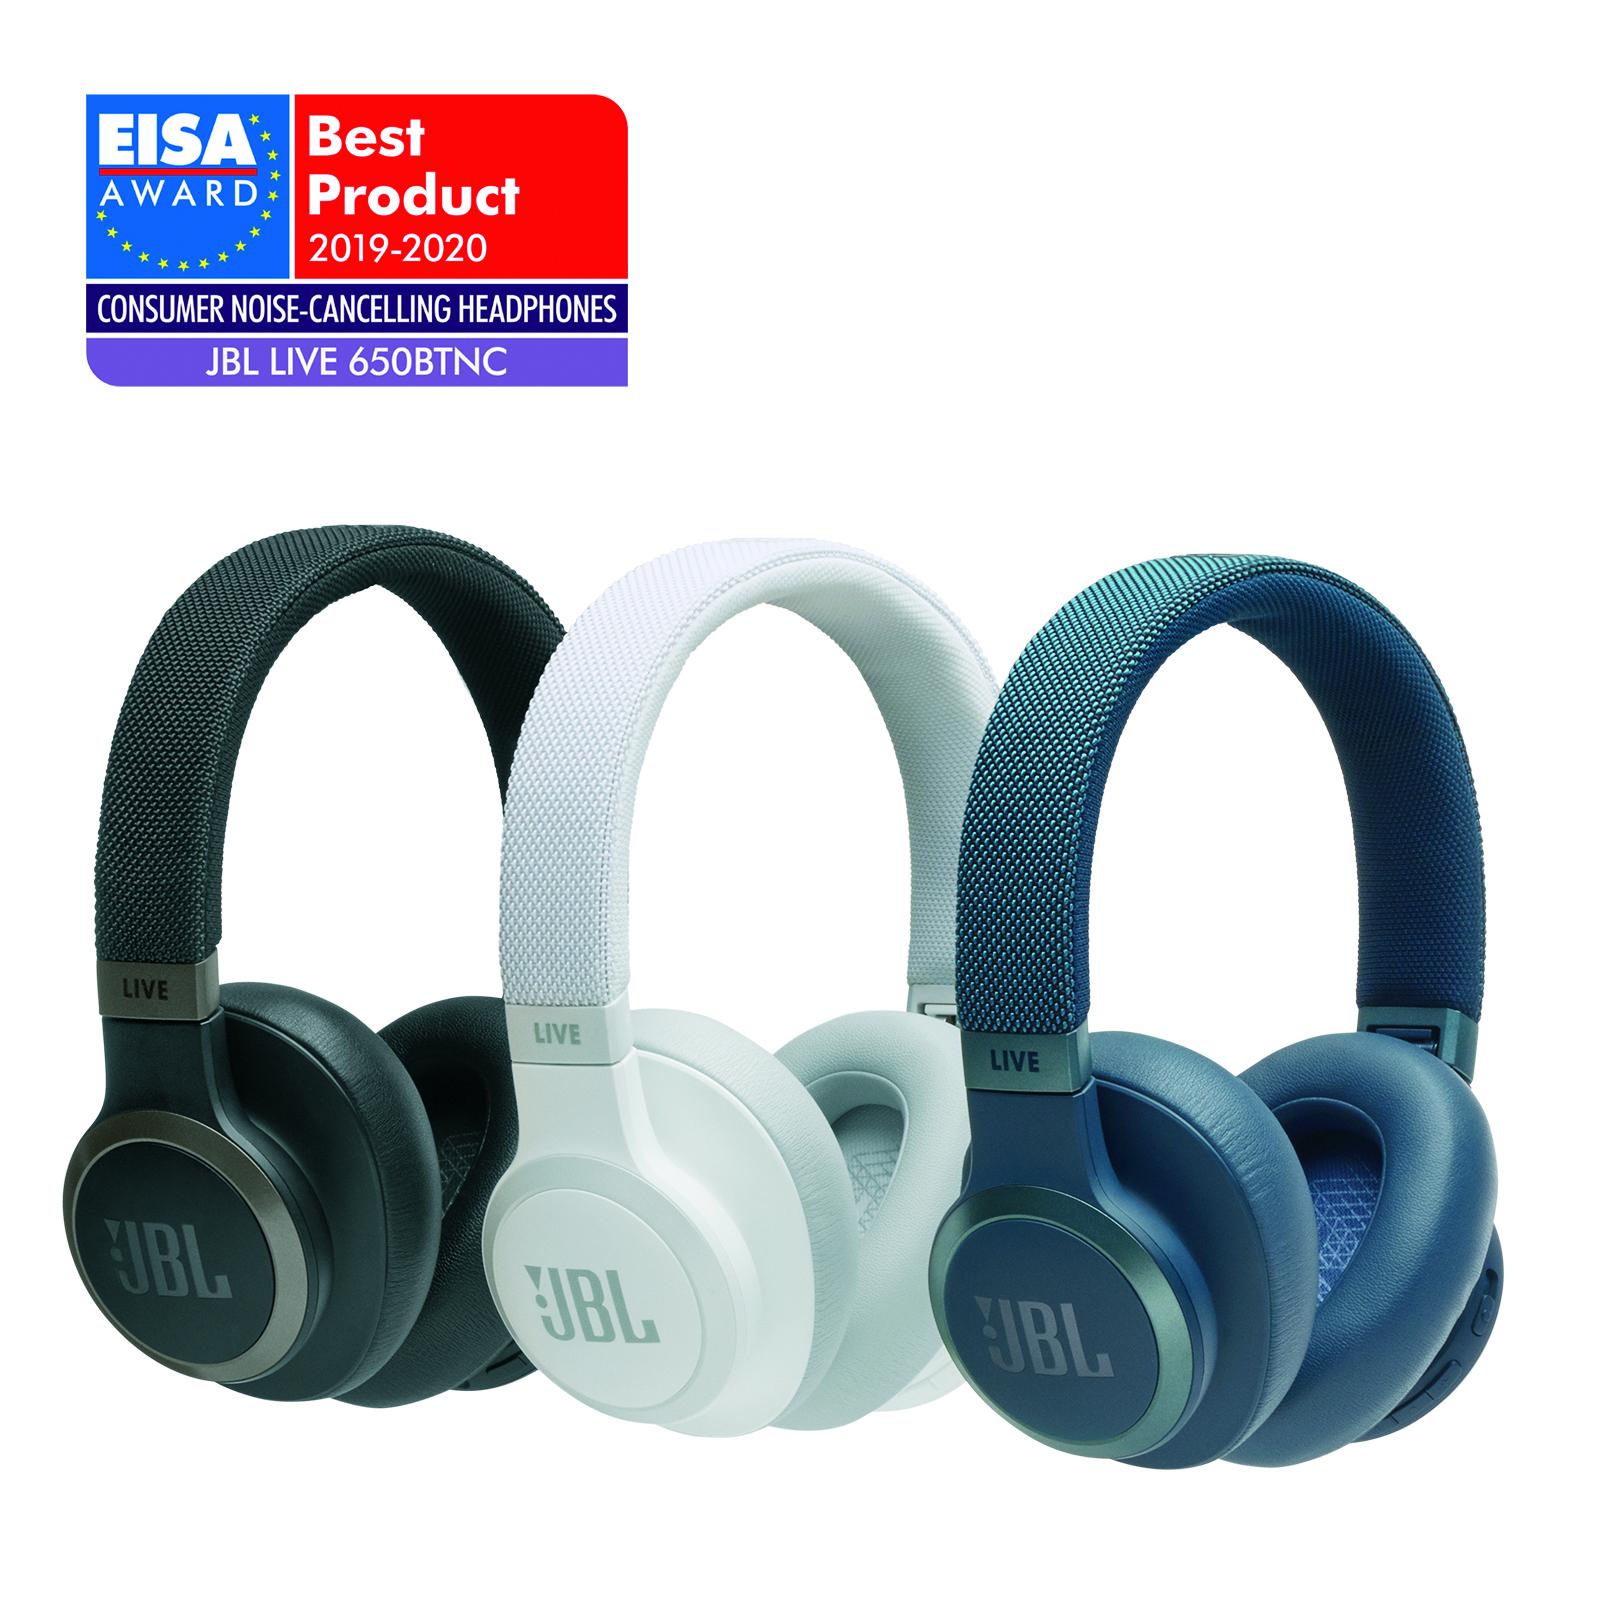 Jakie słuchawki i głośnik bluetooth warto kupić? 3 nagrody